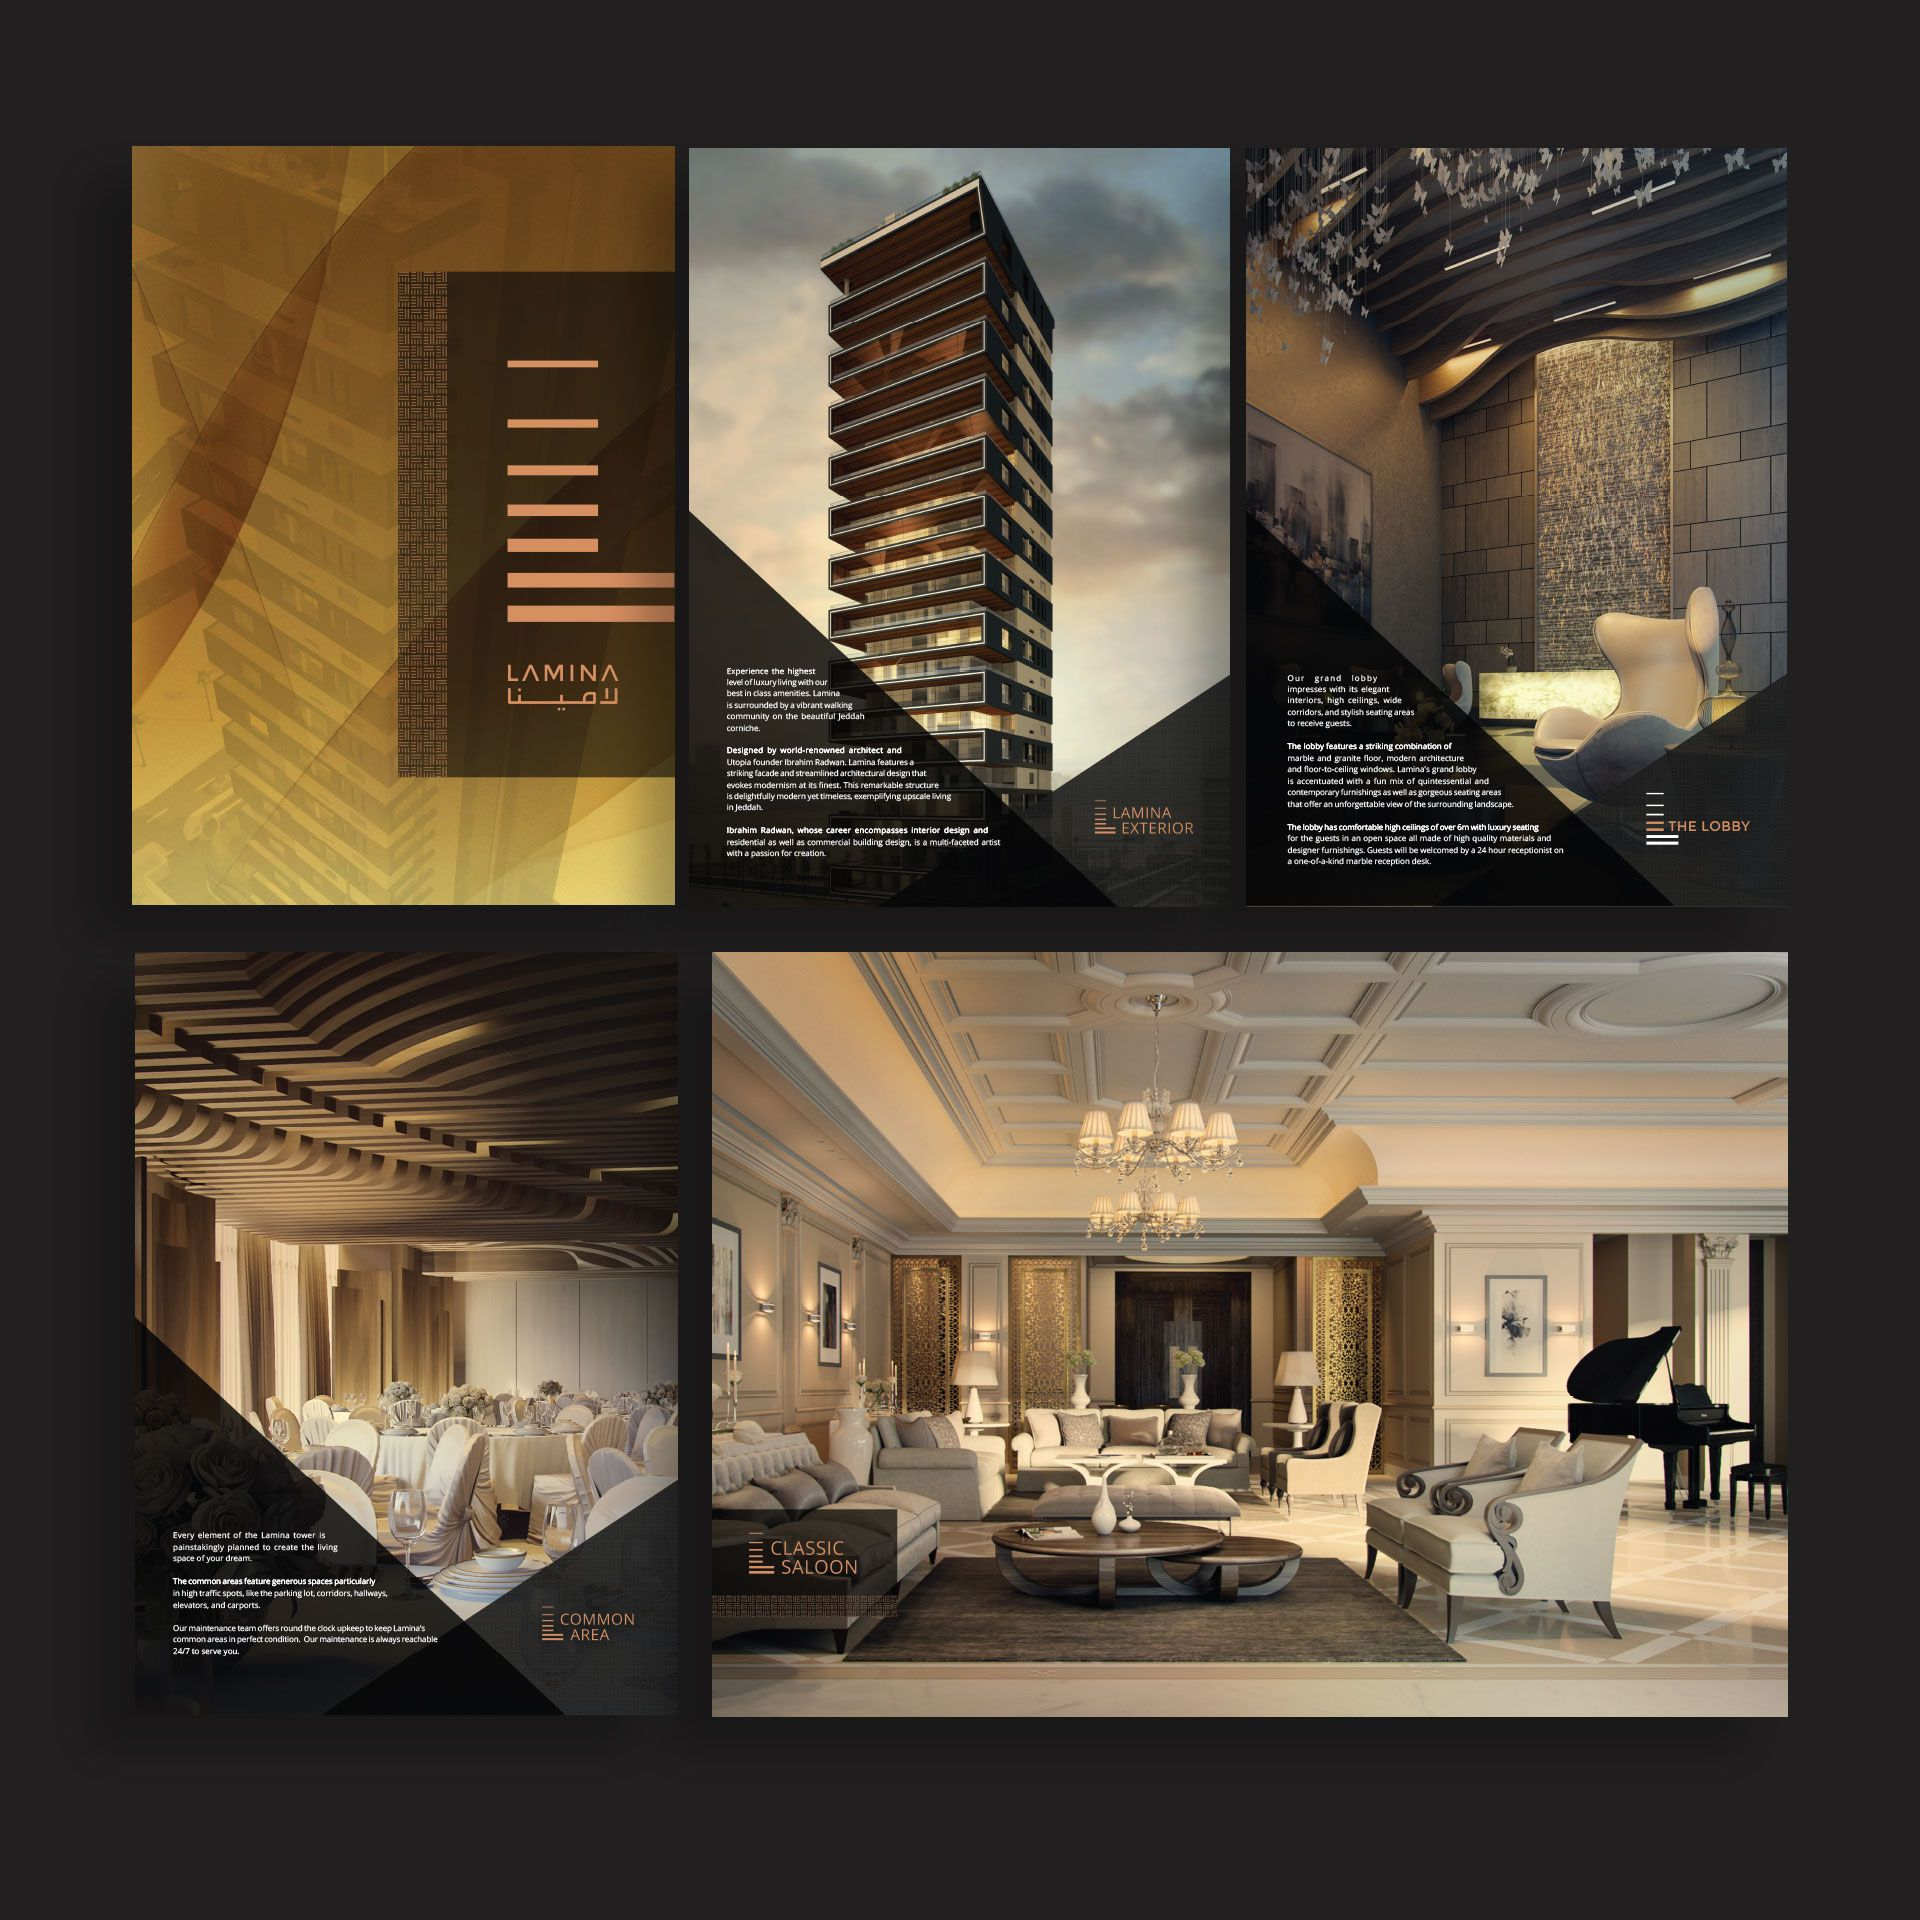 Jeddah Luxury Apartment Branding Website Spellbrand